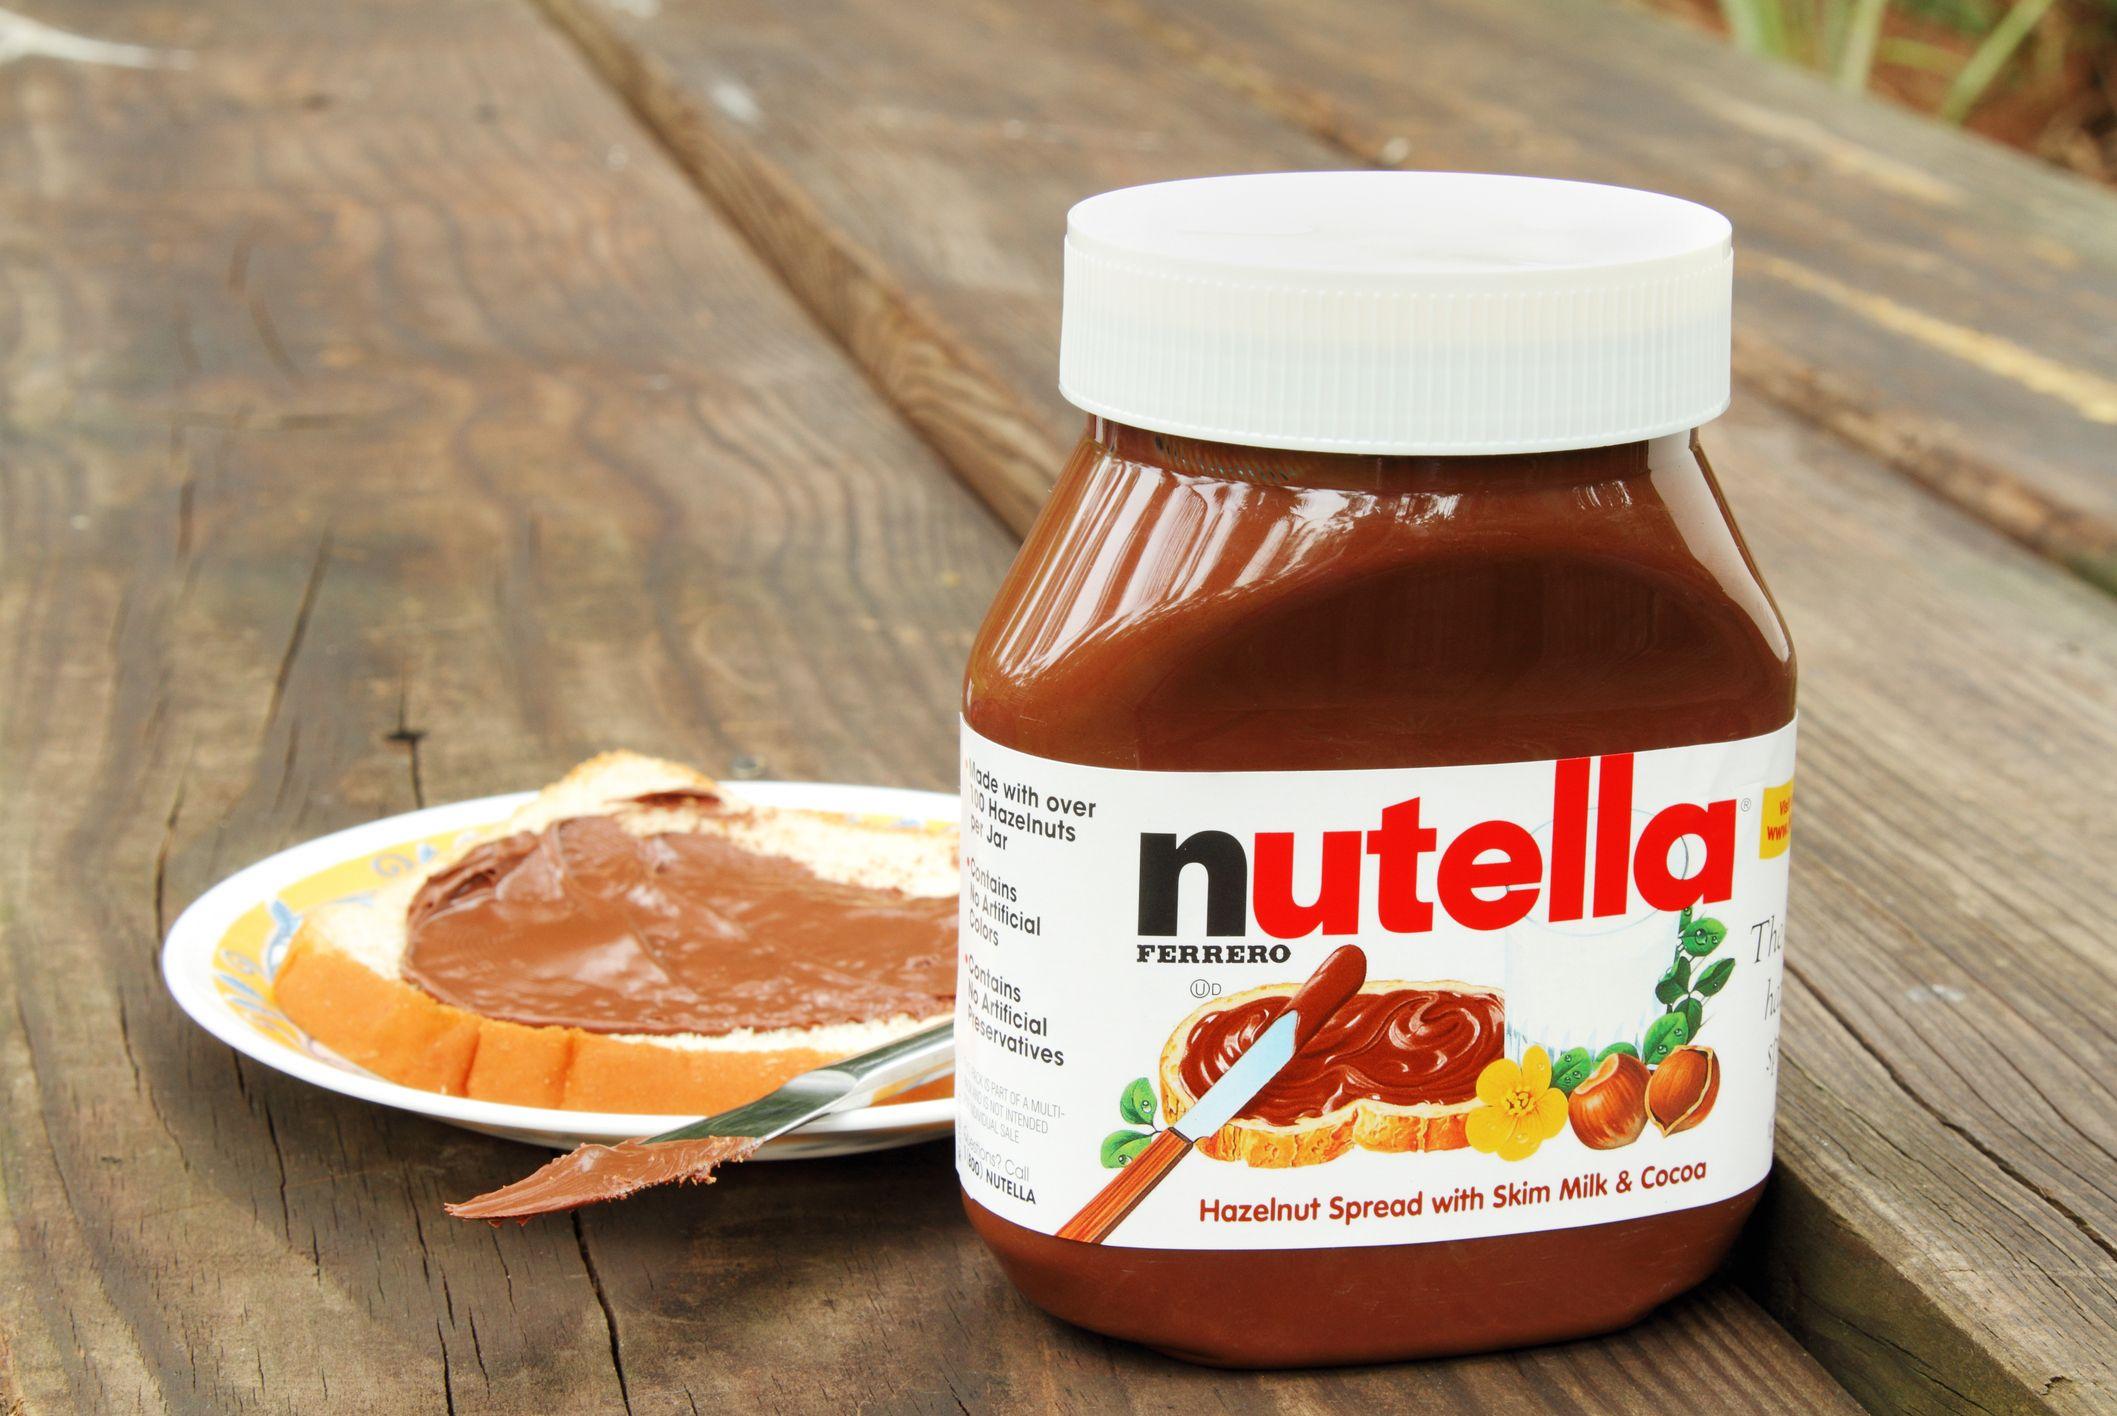 Lampada Barattolo Nutella Concorso : Tutorial come richiedere orologio nutella alessi nutella